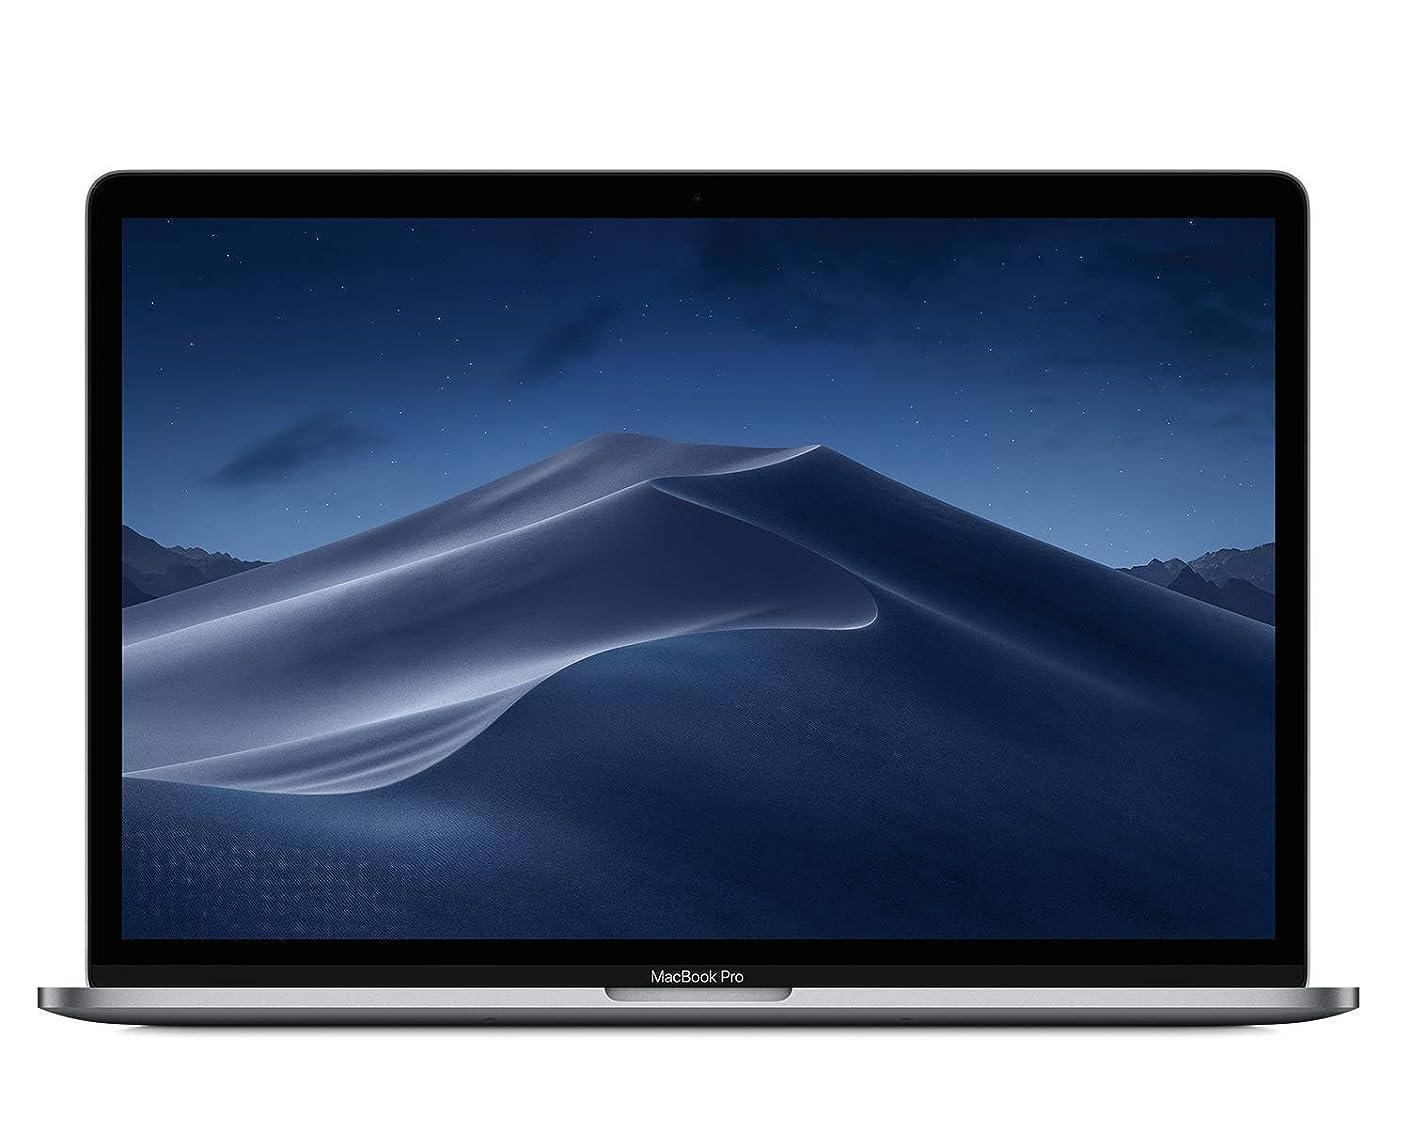 Apple MacBook Pro (15-Inch, 2.6GHz 6-Core 9th-Generation Intel?Core?I7 Processor, 256GB) - Space Gray - (Latest Model)